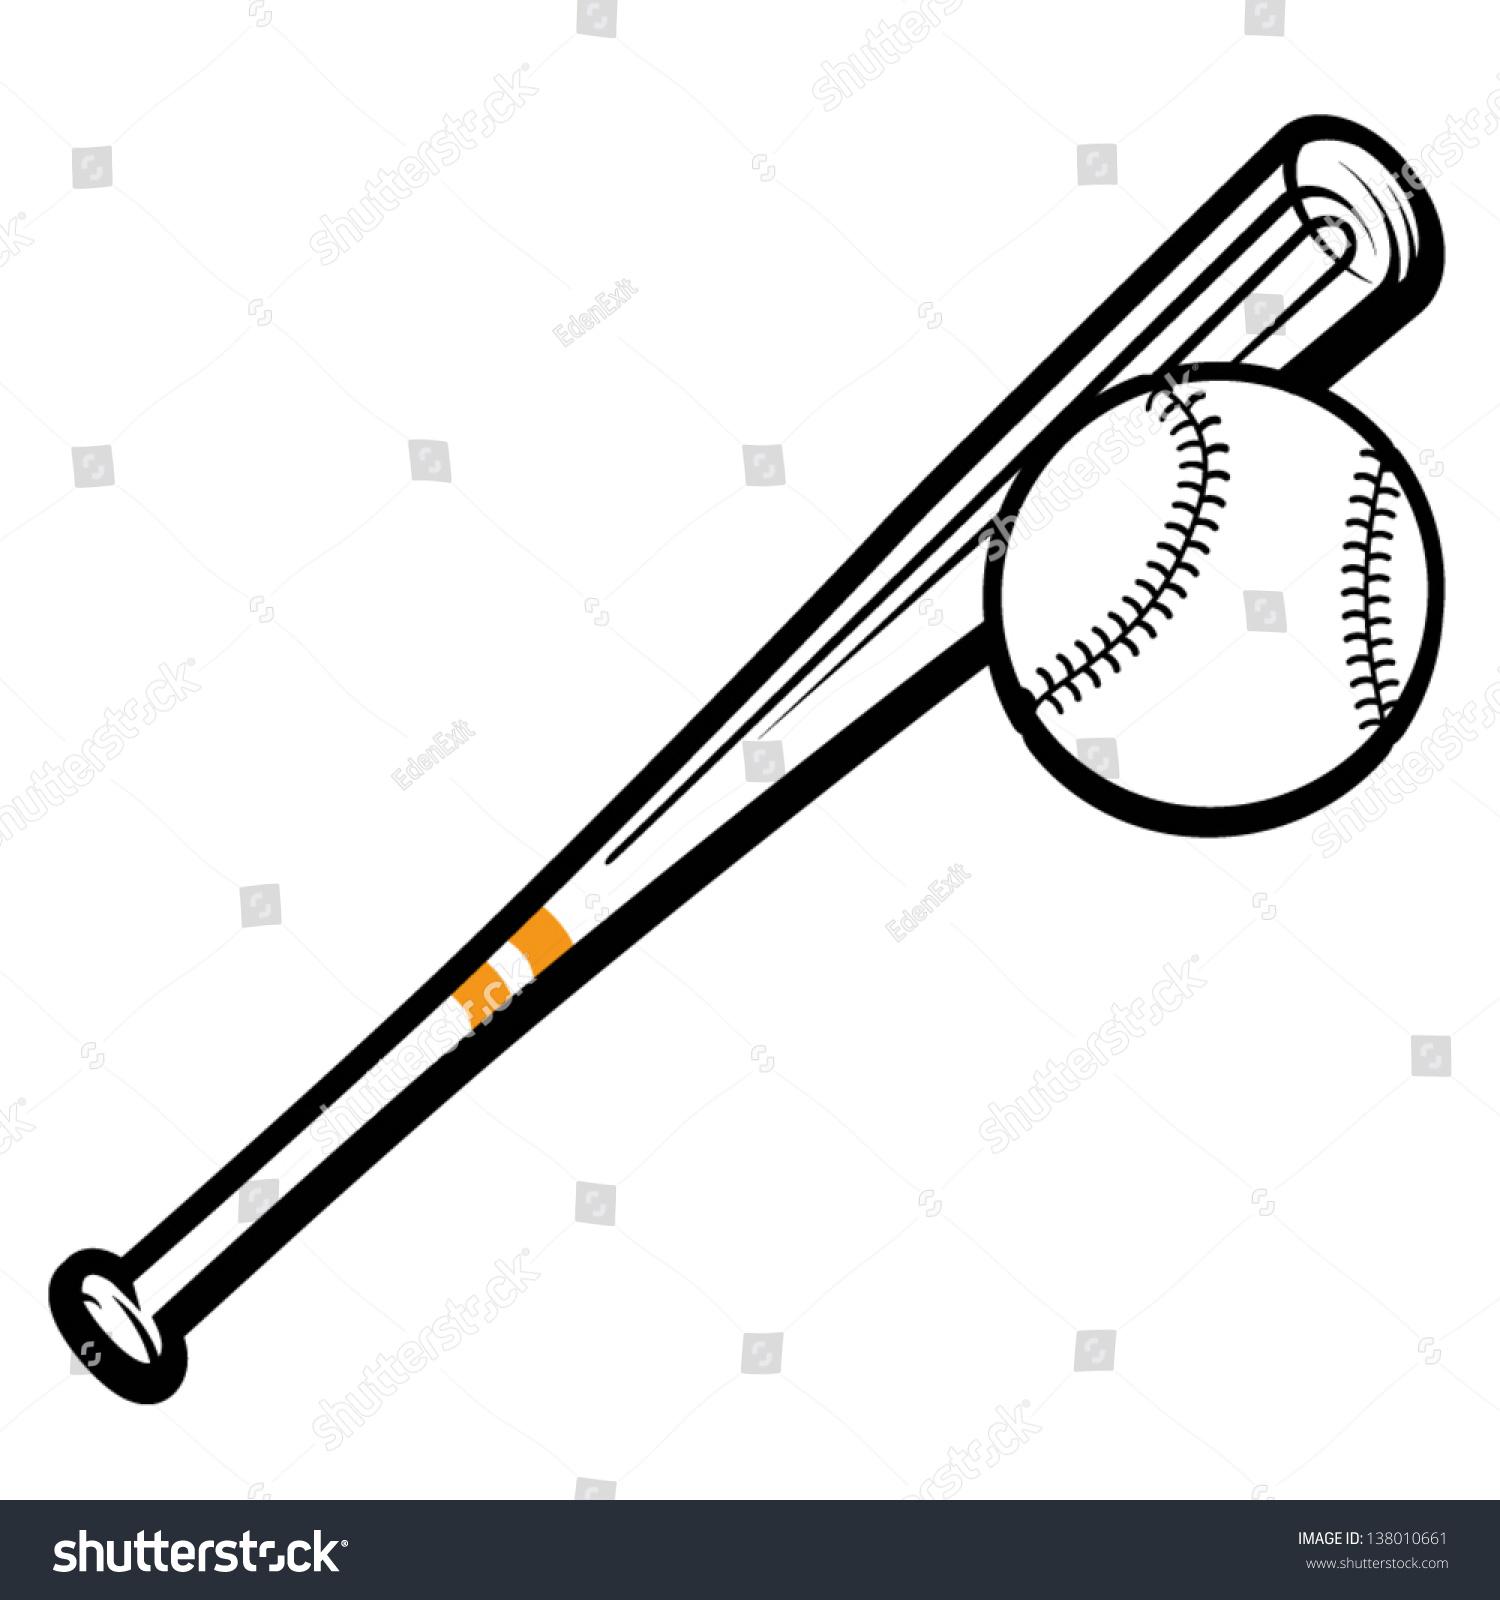 Baseball Bats And Ball Graphic Image Template Stock Vector ...  |Baseball Bat And Ball Vector